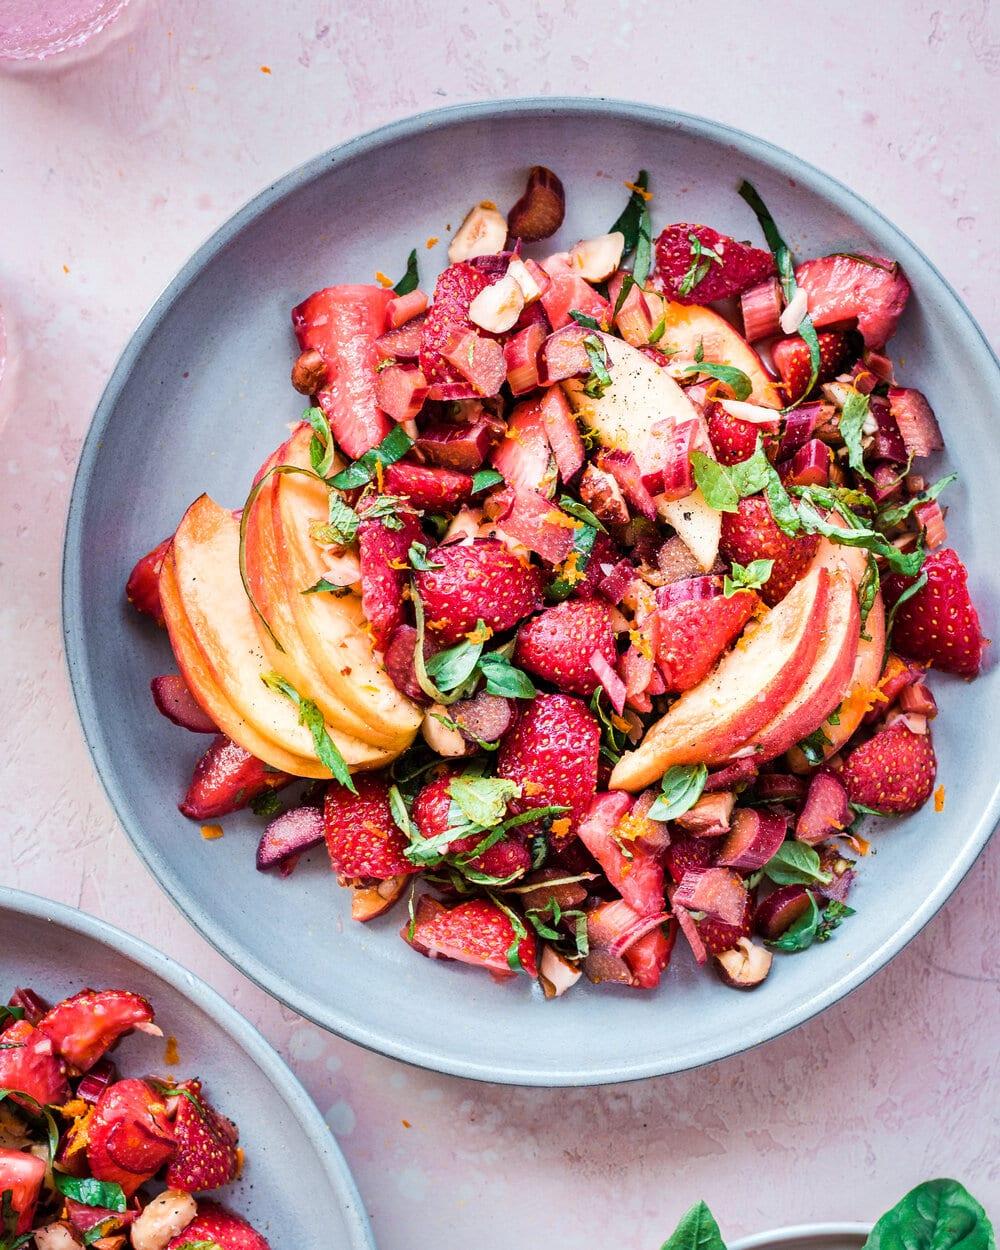 Healthy Summer Strawberry Rhubarb Salad